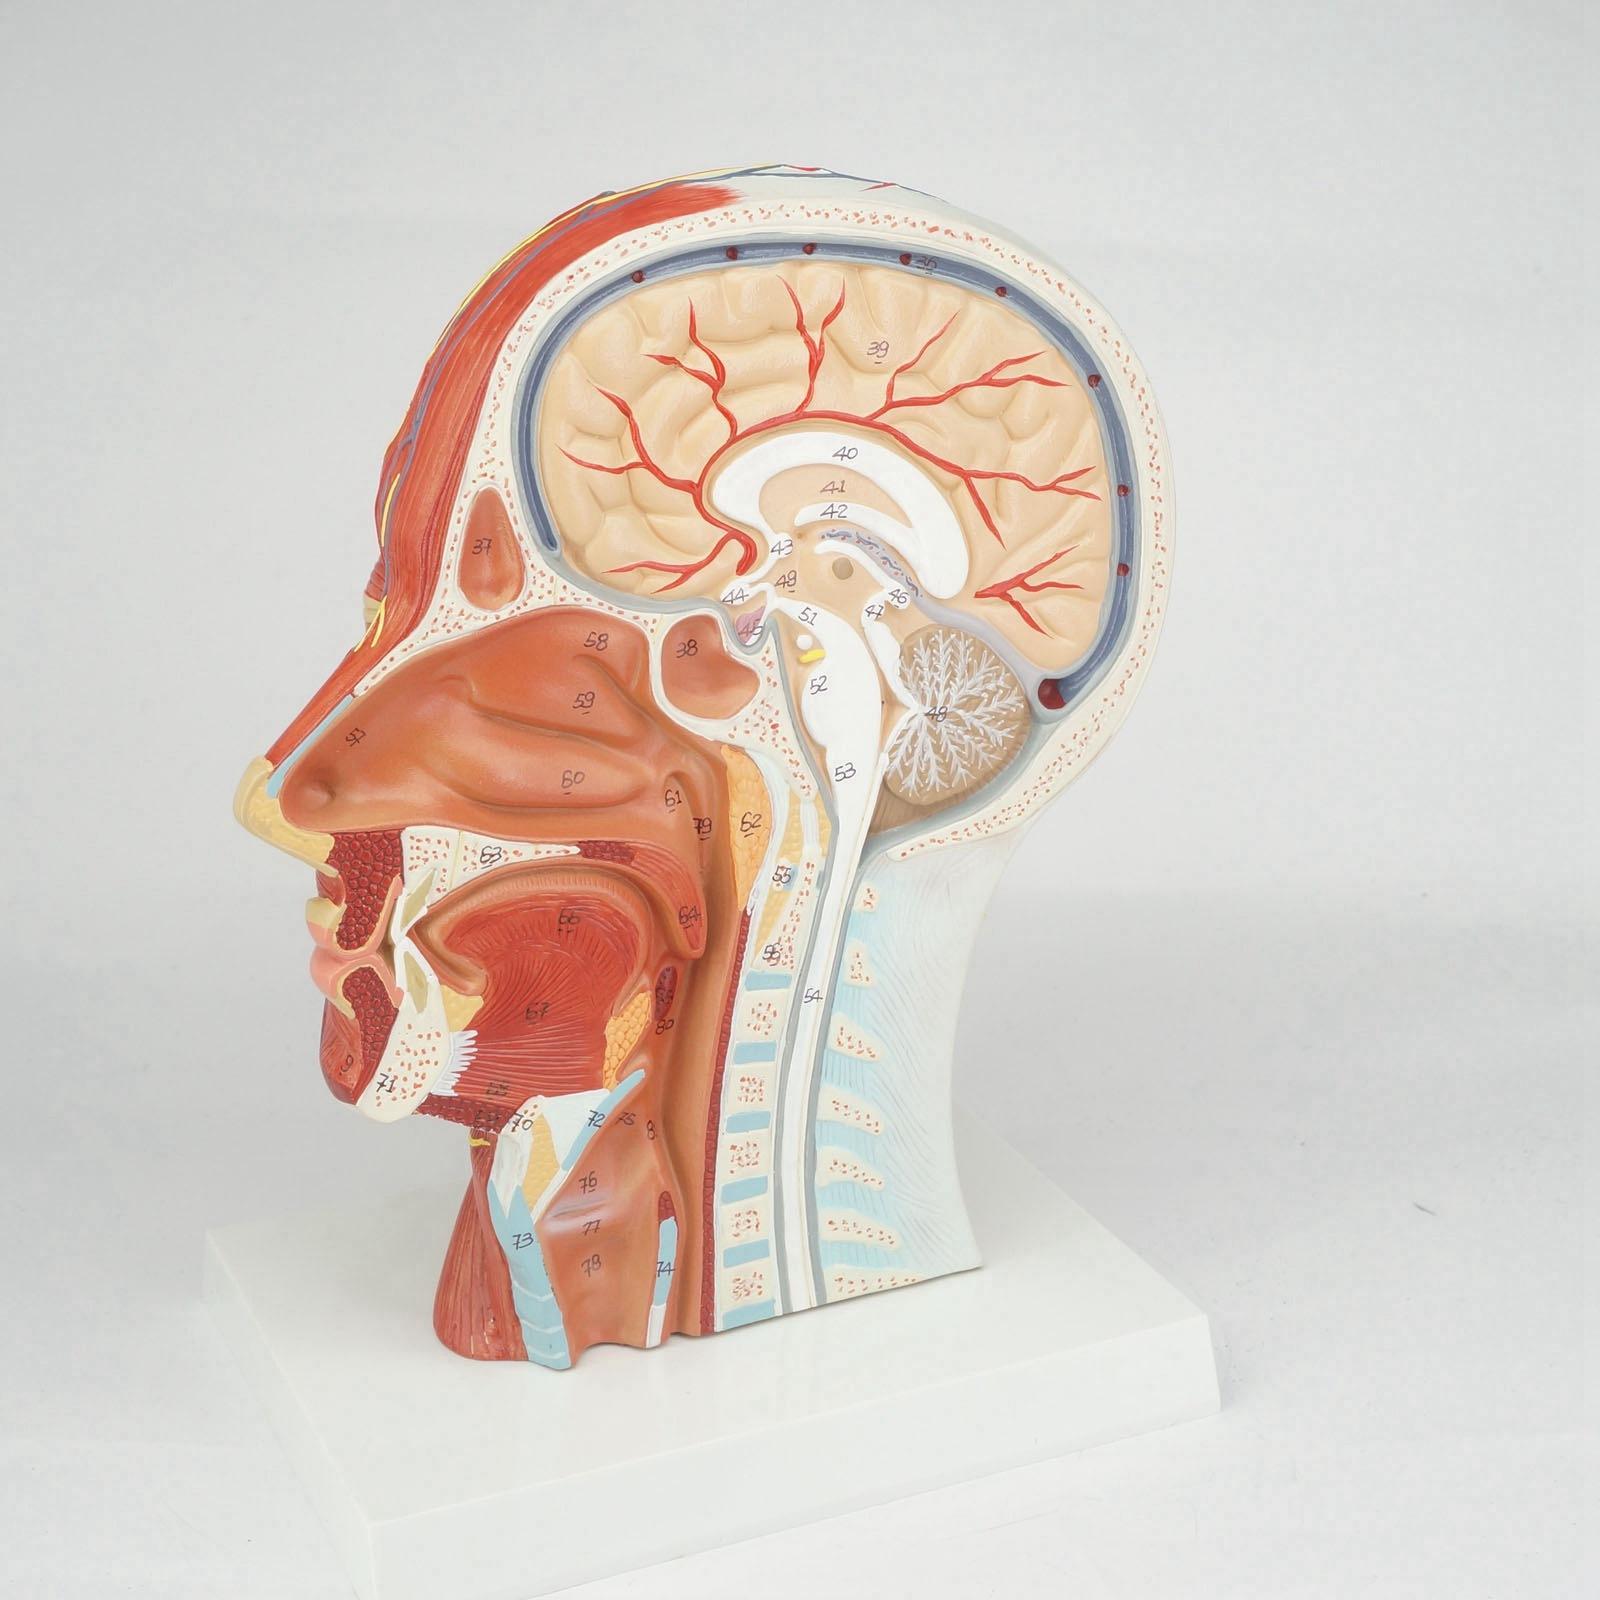 Median Abschnitt von Menschlichen Kopf und Hals Anatomisches Modell ...